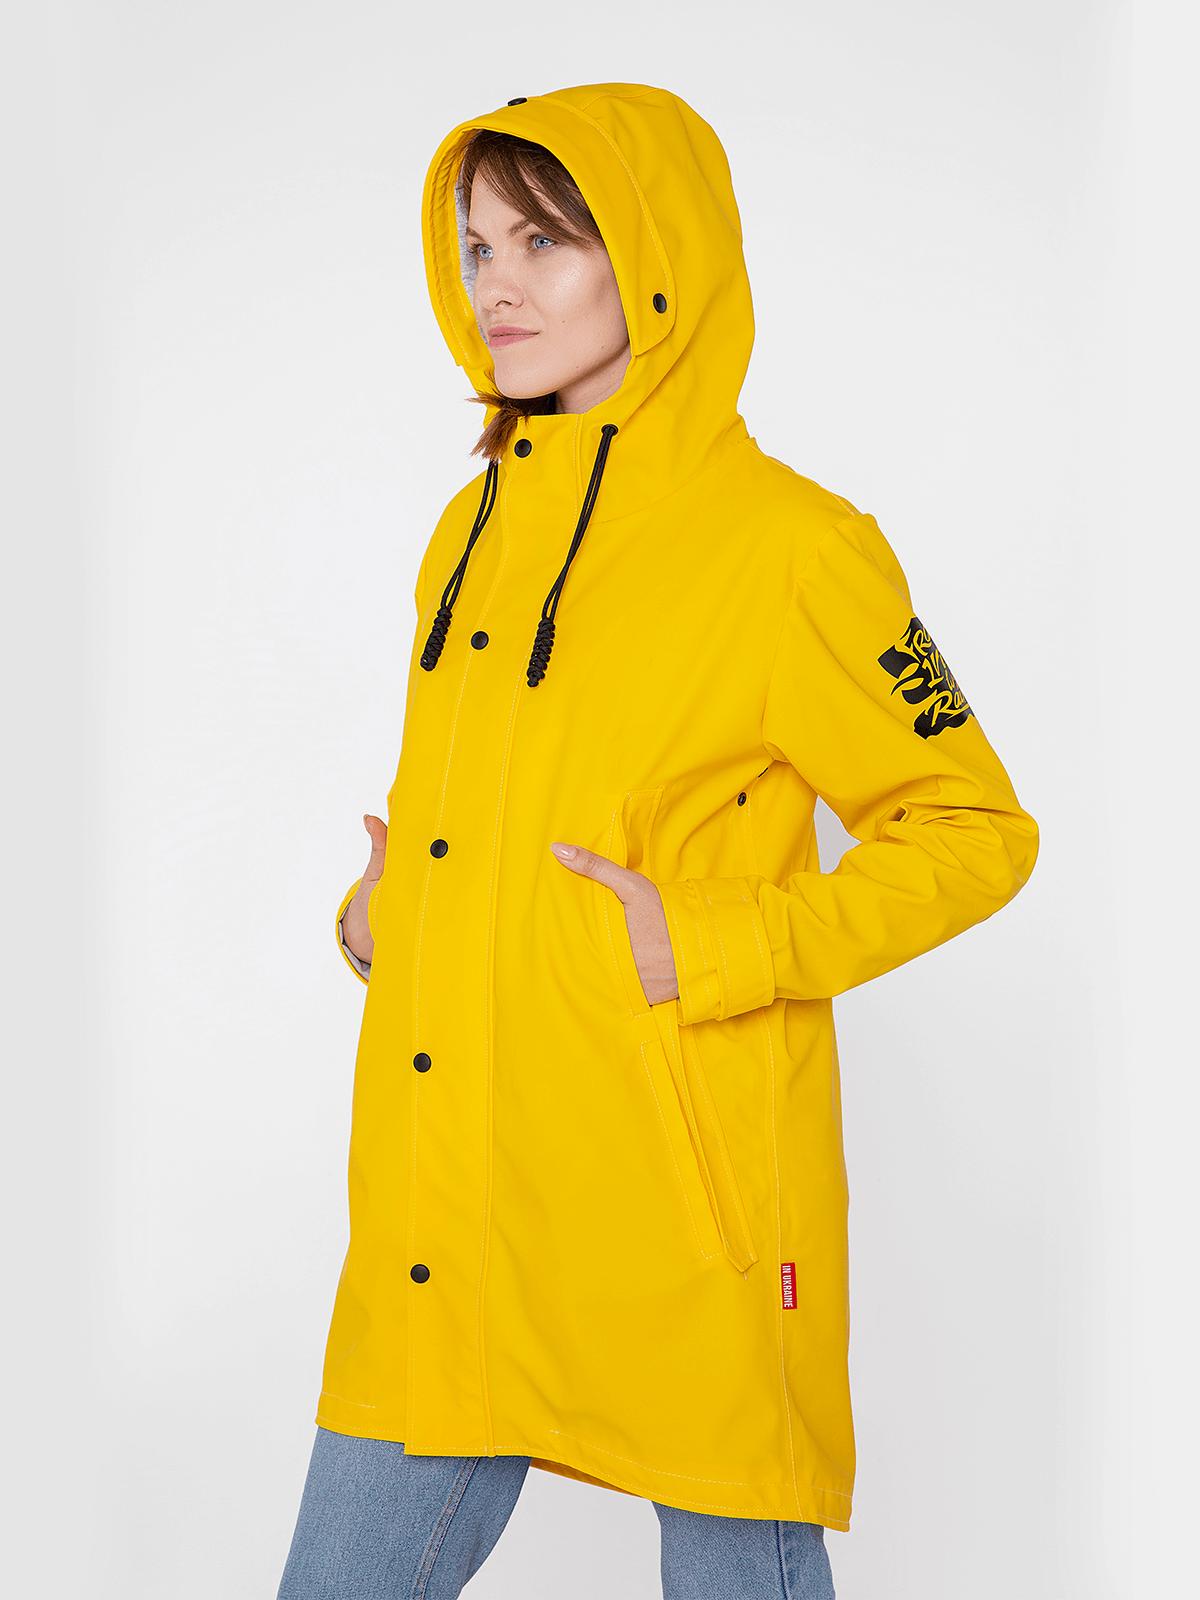 Жіночий Дощовик From Lviv With Rain. Колір жовтий.  Підкладка на спині: приємний натуральний матеріал, що в міру тягнеться (трикотаж - 95% бавовна, 5 спандекс) Підкладка в рукавах: не тягнеться, дає можливість комфортно одягнути куртку (батист сорочковий - 100%) - 5 кишень (1 внутрішня); - проклеєні шви; - достатня довжина, аби не змокли штани; - не продувається; - пластиковий замок; - кнопки металеві з пластиковою оболонкою; - яскравий колір, з яким ви будете добре помітні навіть в темну пору дня, зокрема для водіїв; - шнурки - паракорд 2м, який можна повністю витягнути з капюшона для власних потреб; - загальна вага - 1200 г  Інструкція з догляду за дощовиком: